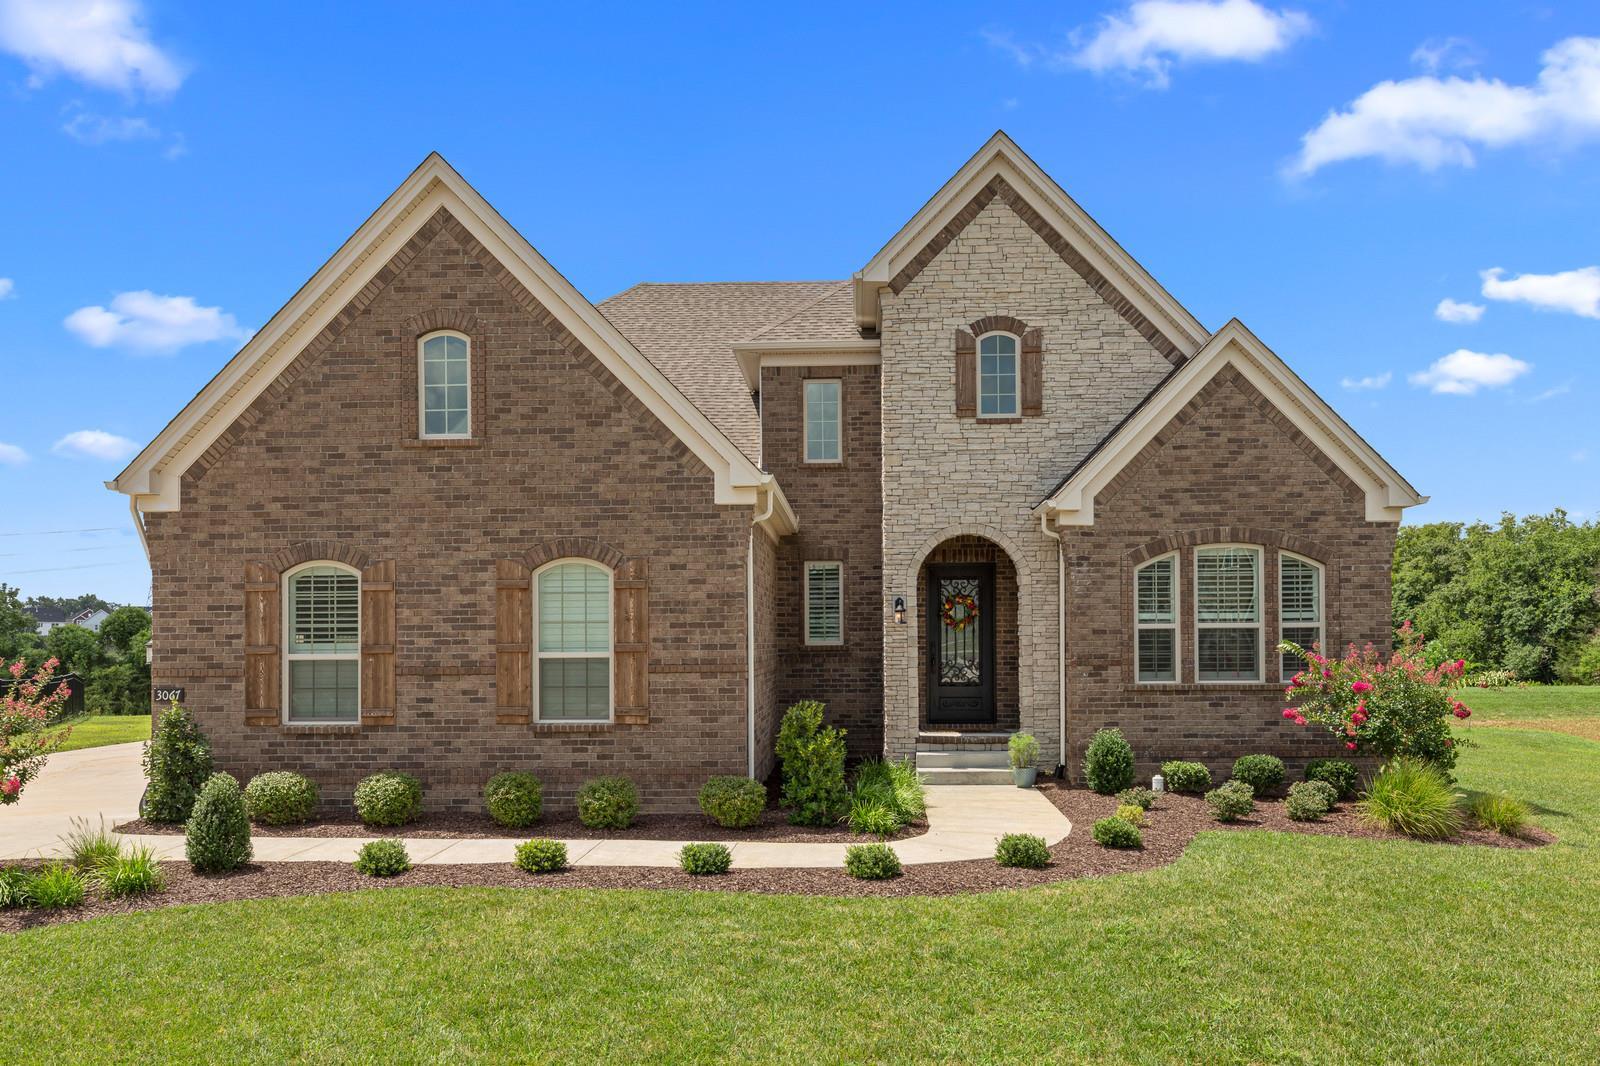 3067 Elliott Dr., Mount Juliet, TN 37122 - Mount Juliet, TN real estate listing